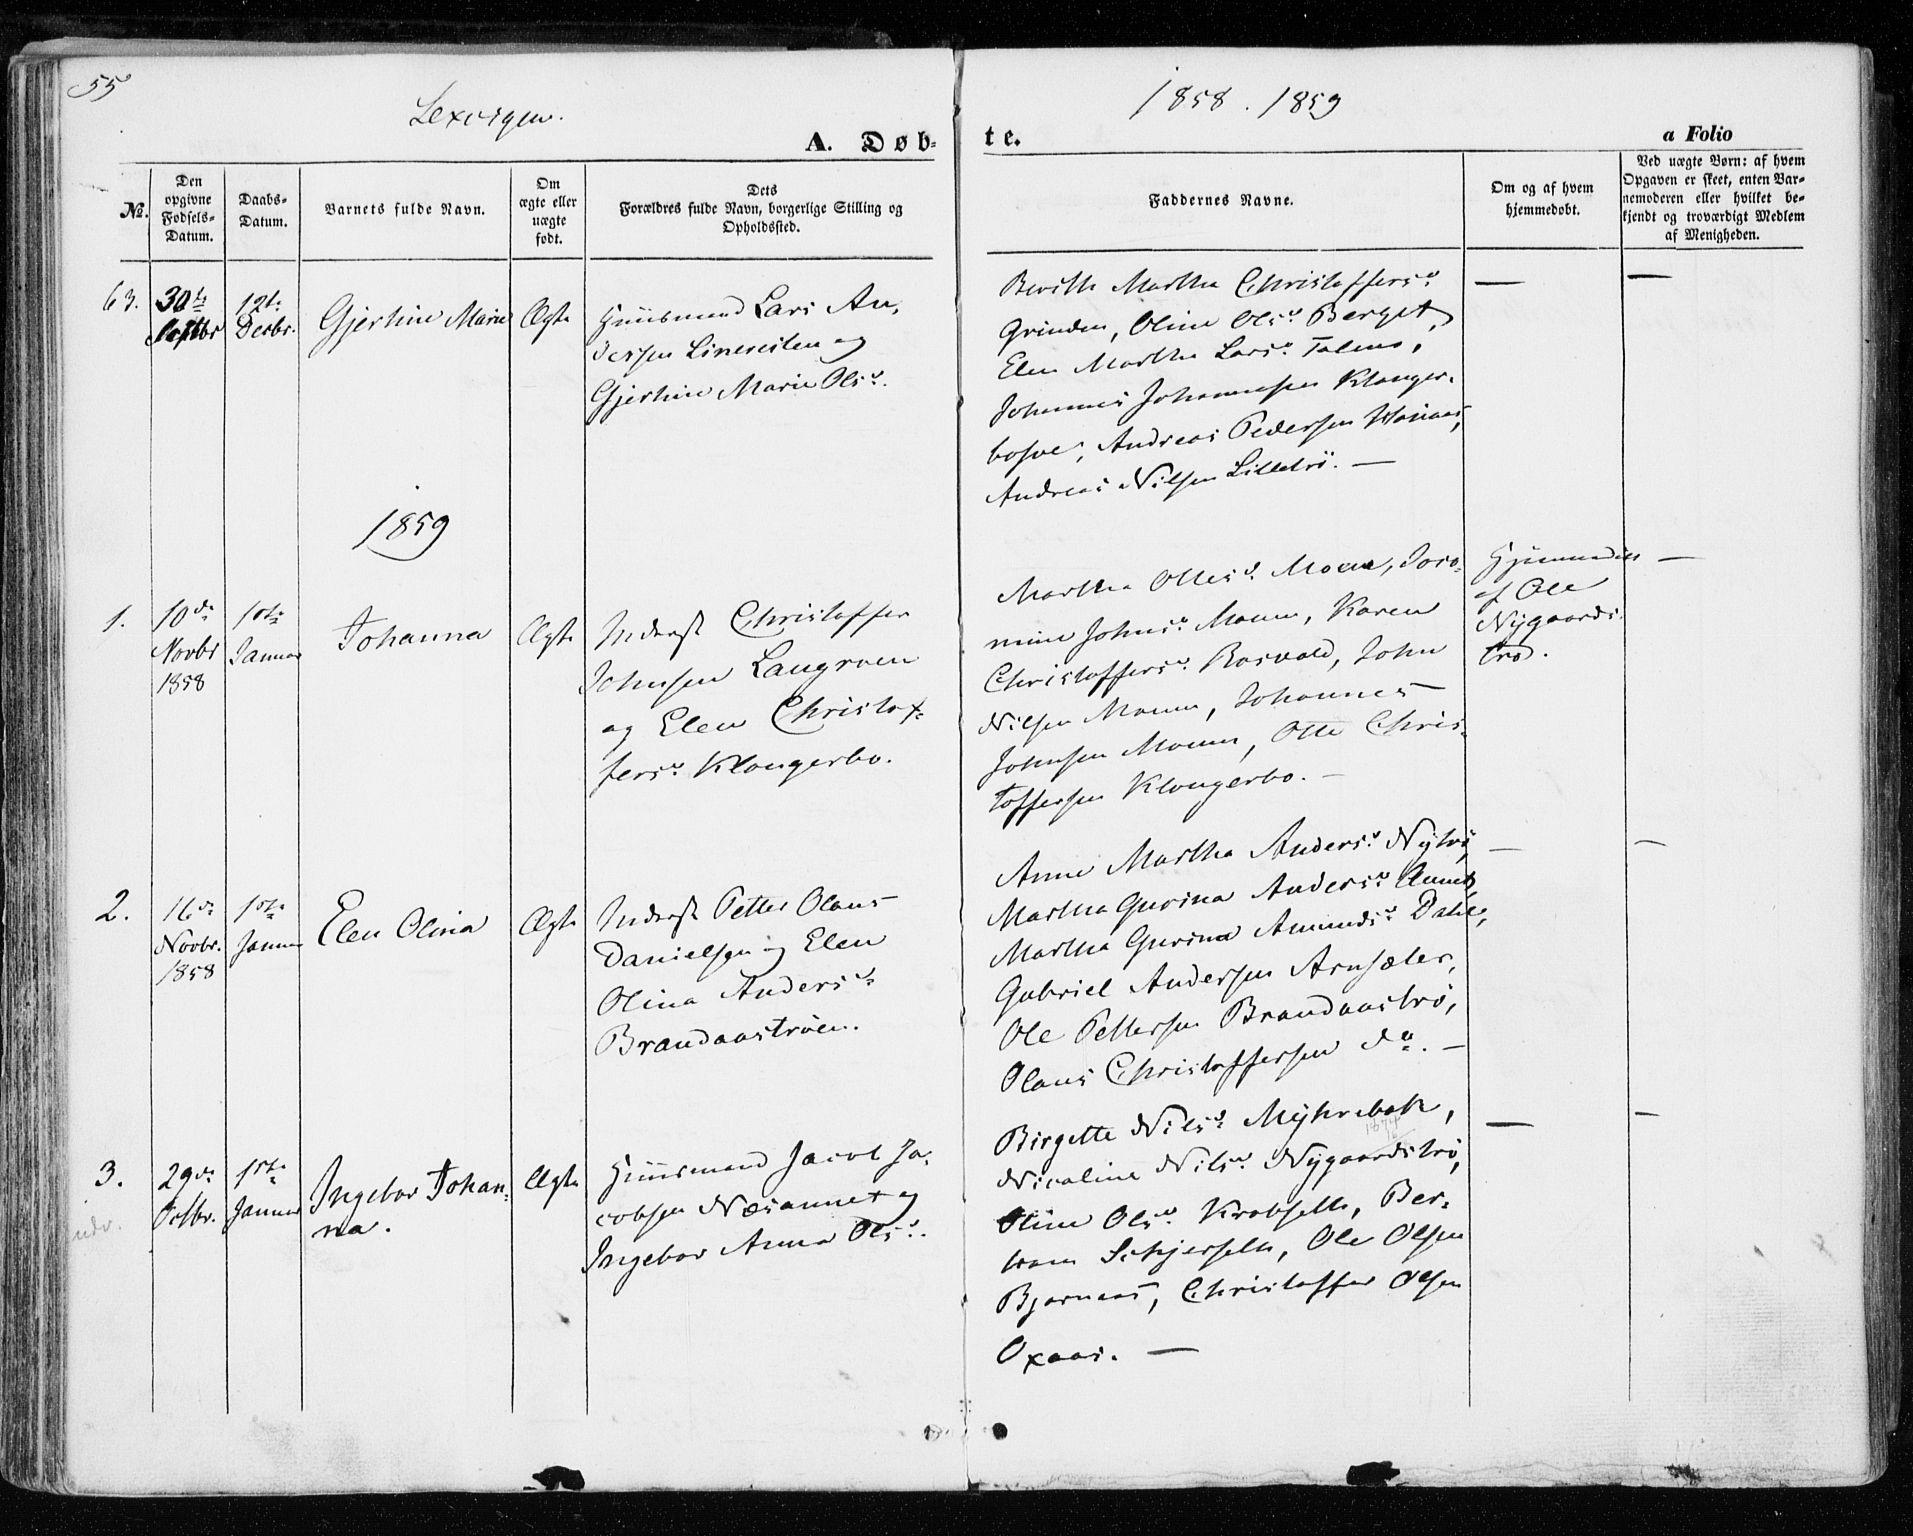 SAT, Ministerialprotokoller, klokkerbøker og fødselsregistre - Nord-Trøndelag, 701/L0008: Parish register (official) no. 701A08 /1, 1854-1863, p. 55